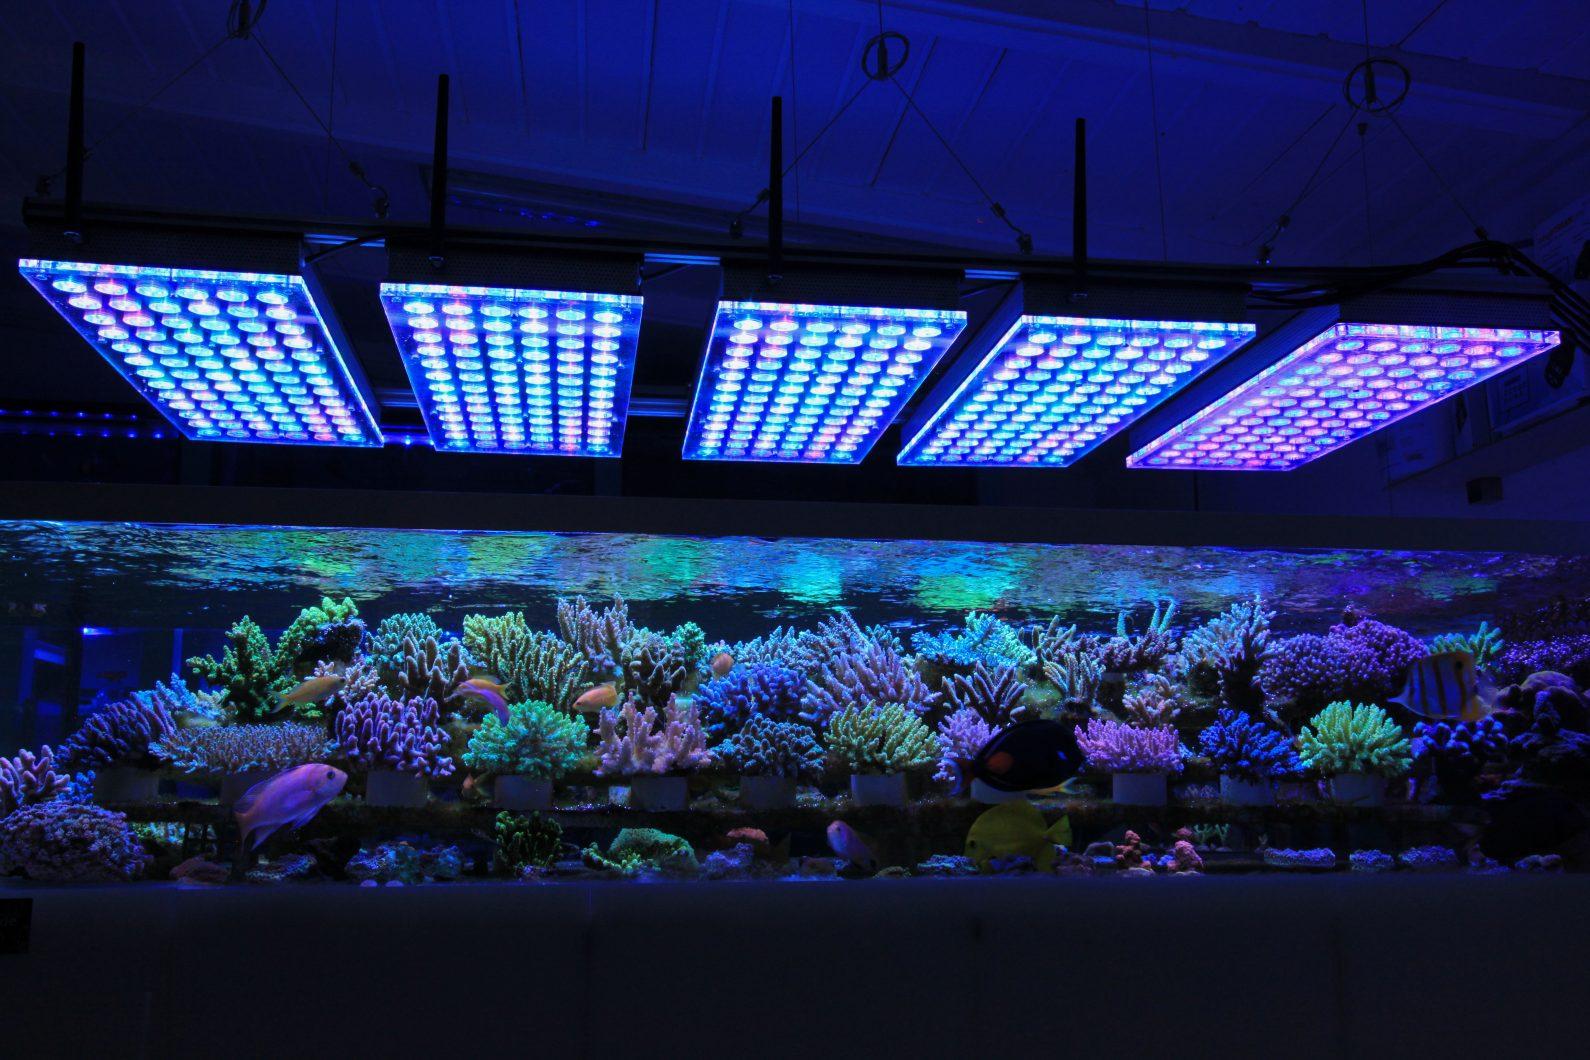 najlepsze oświetlenie led akwarium rafowego